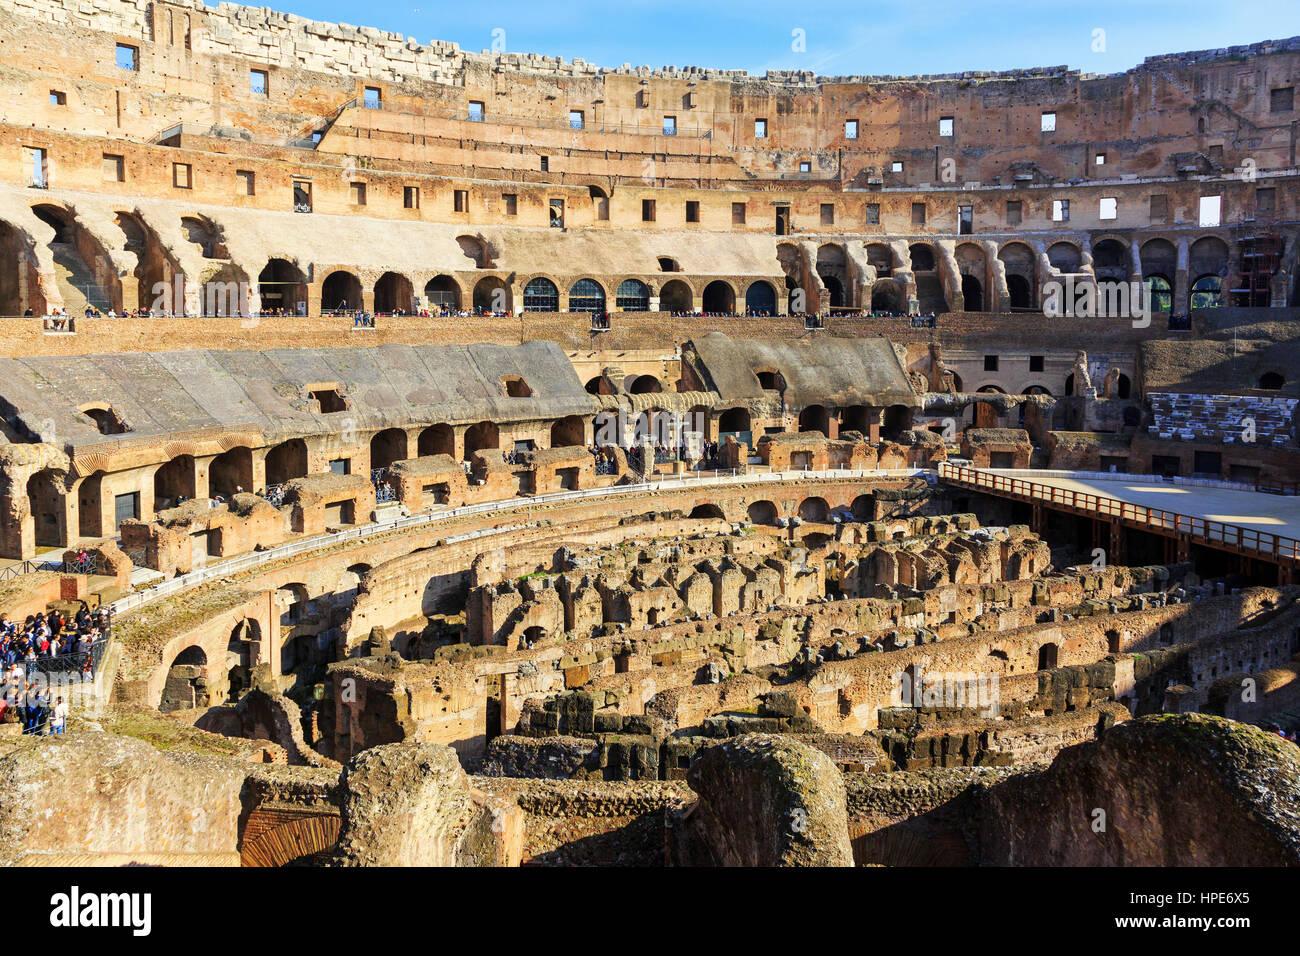 Colosseum, Via di San Gregorio, Rome, Italy - Stock Image